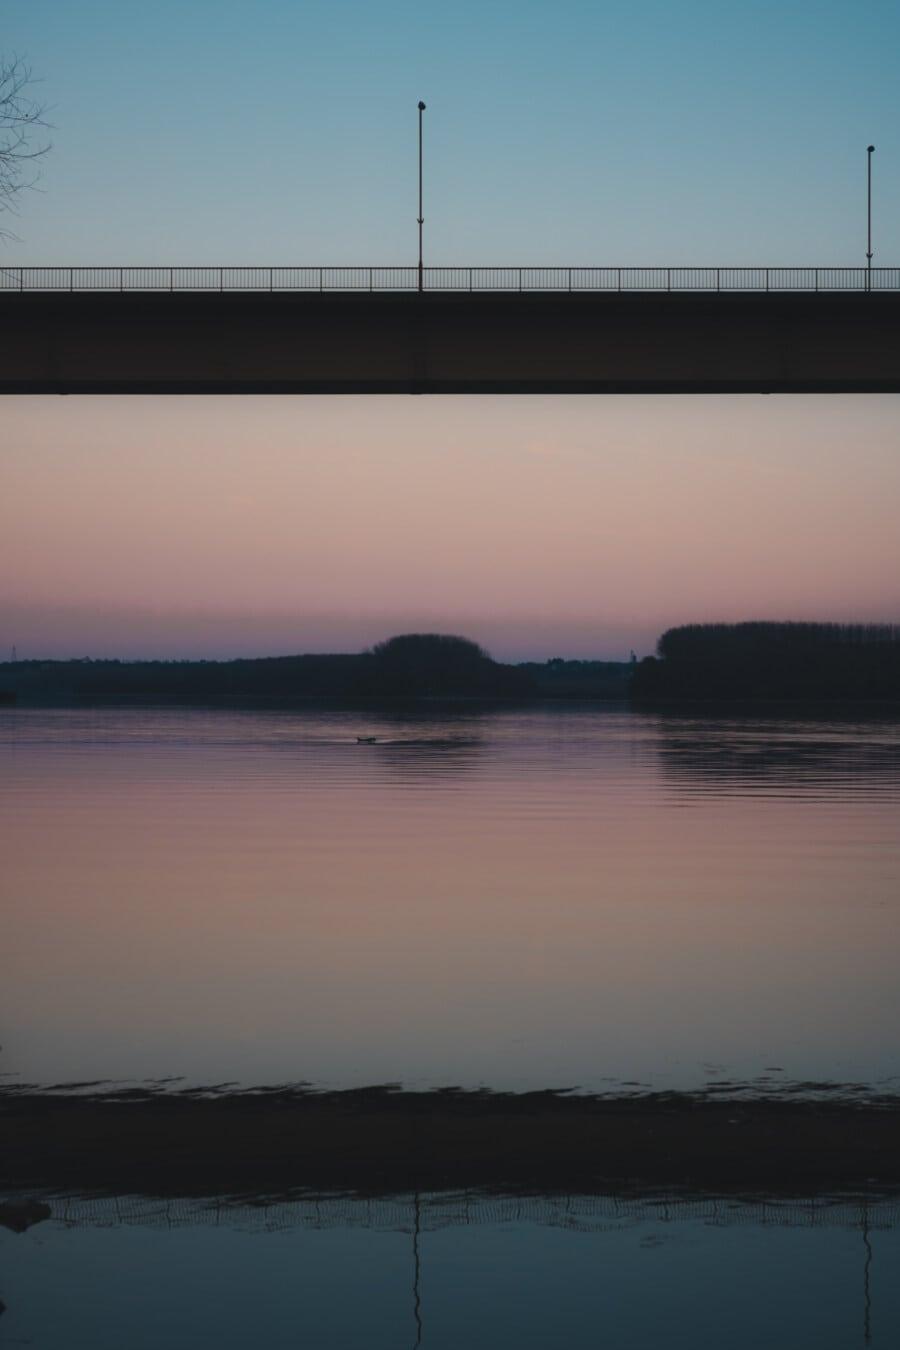 pont, crépuscule, berge, crépuscule, rivière, paysage, réflexion, coucher de soleil, eau, aube